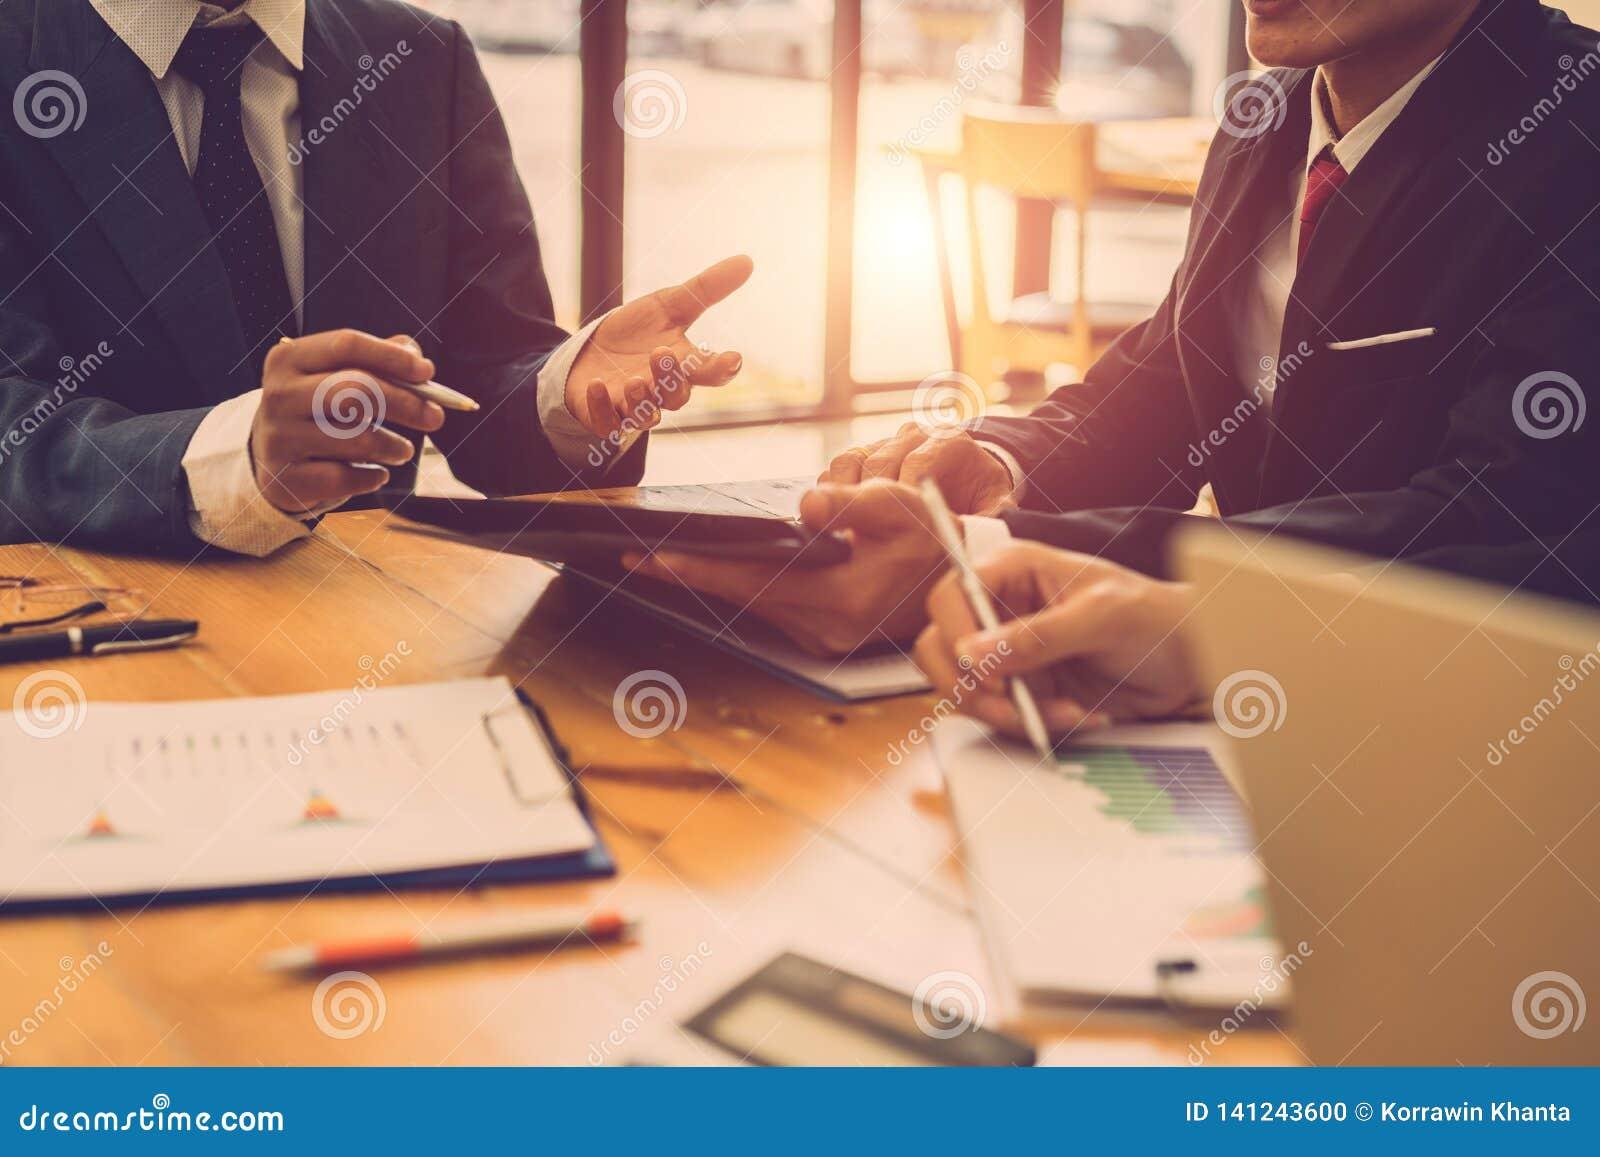 Hommes d affaires discutant ensemble en se réunissant Planification d investissement productif, partageant des idées